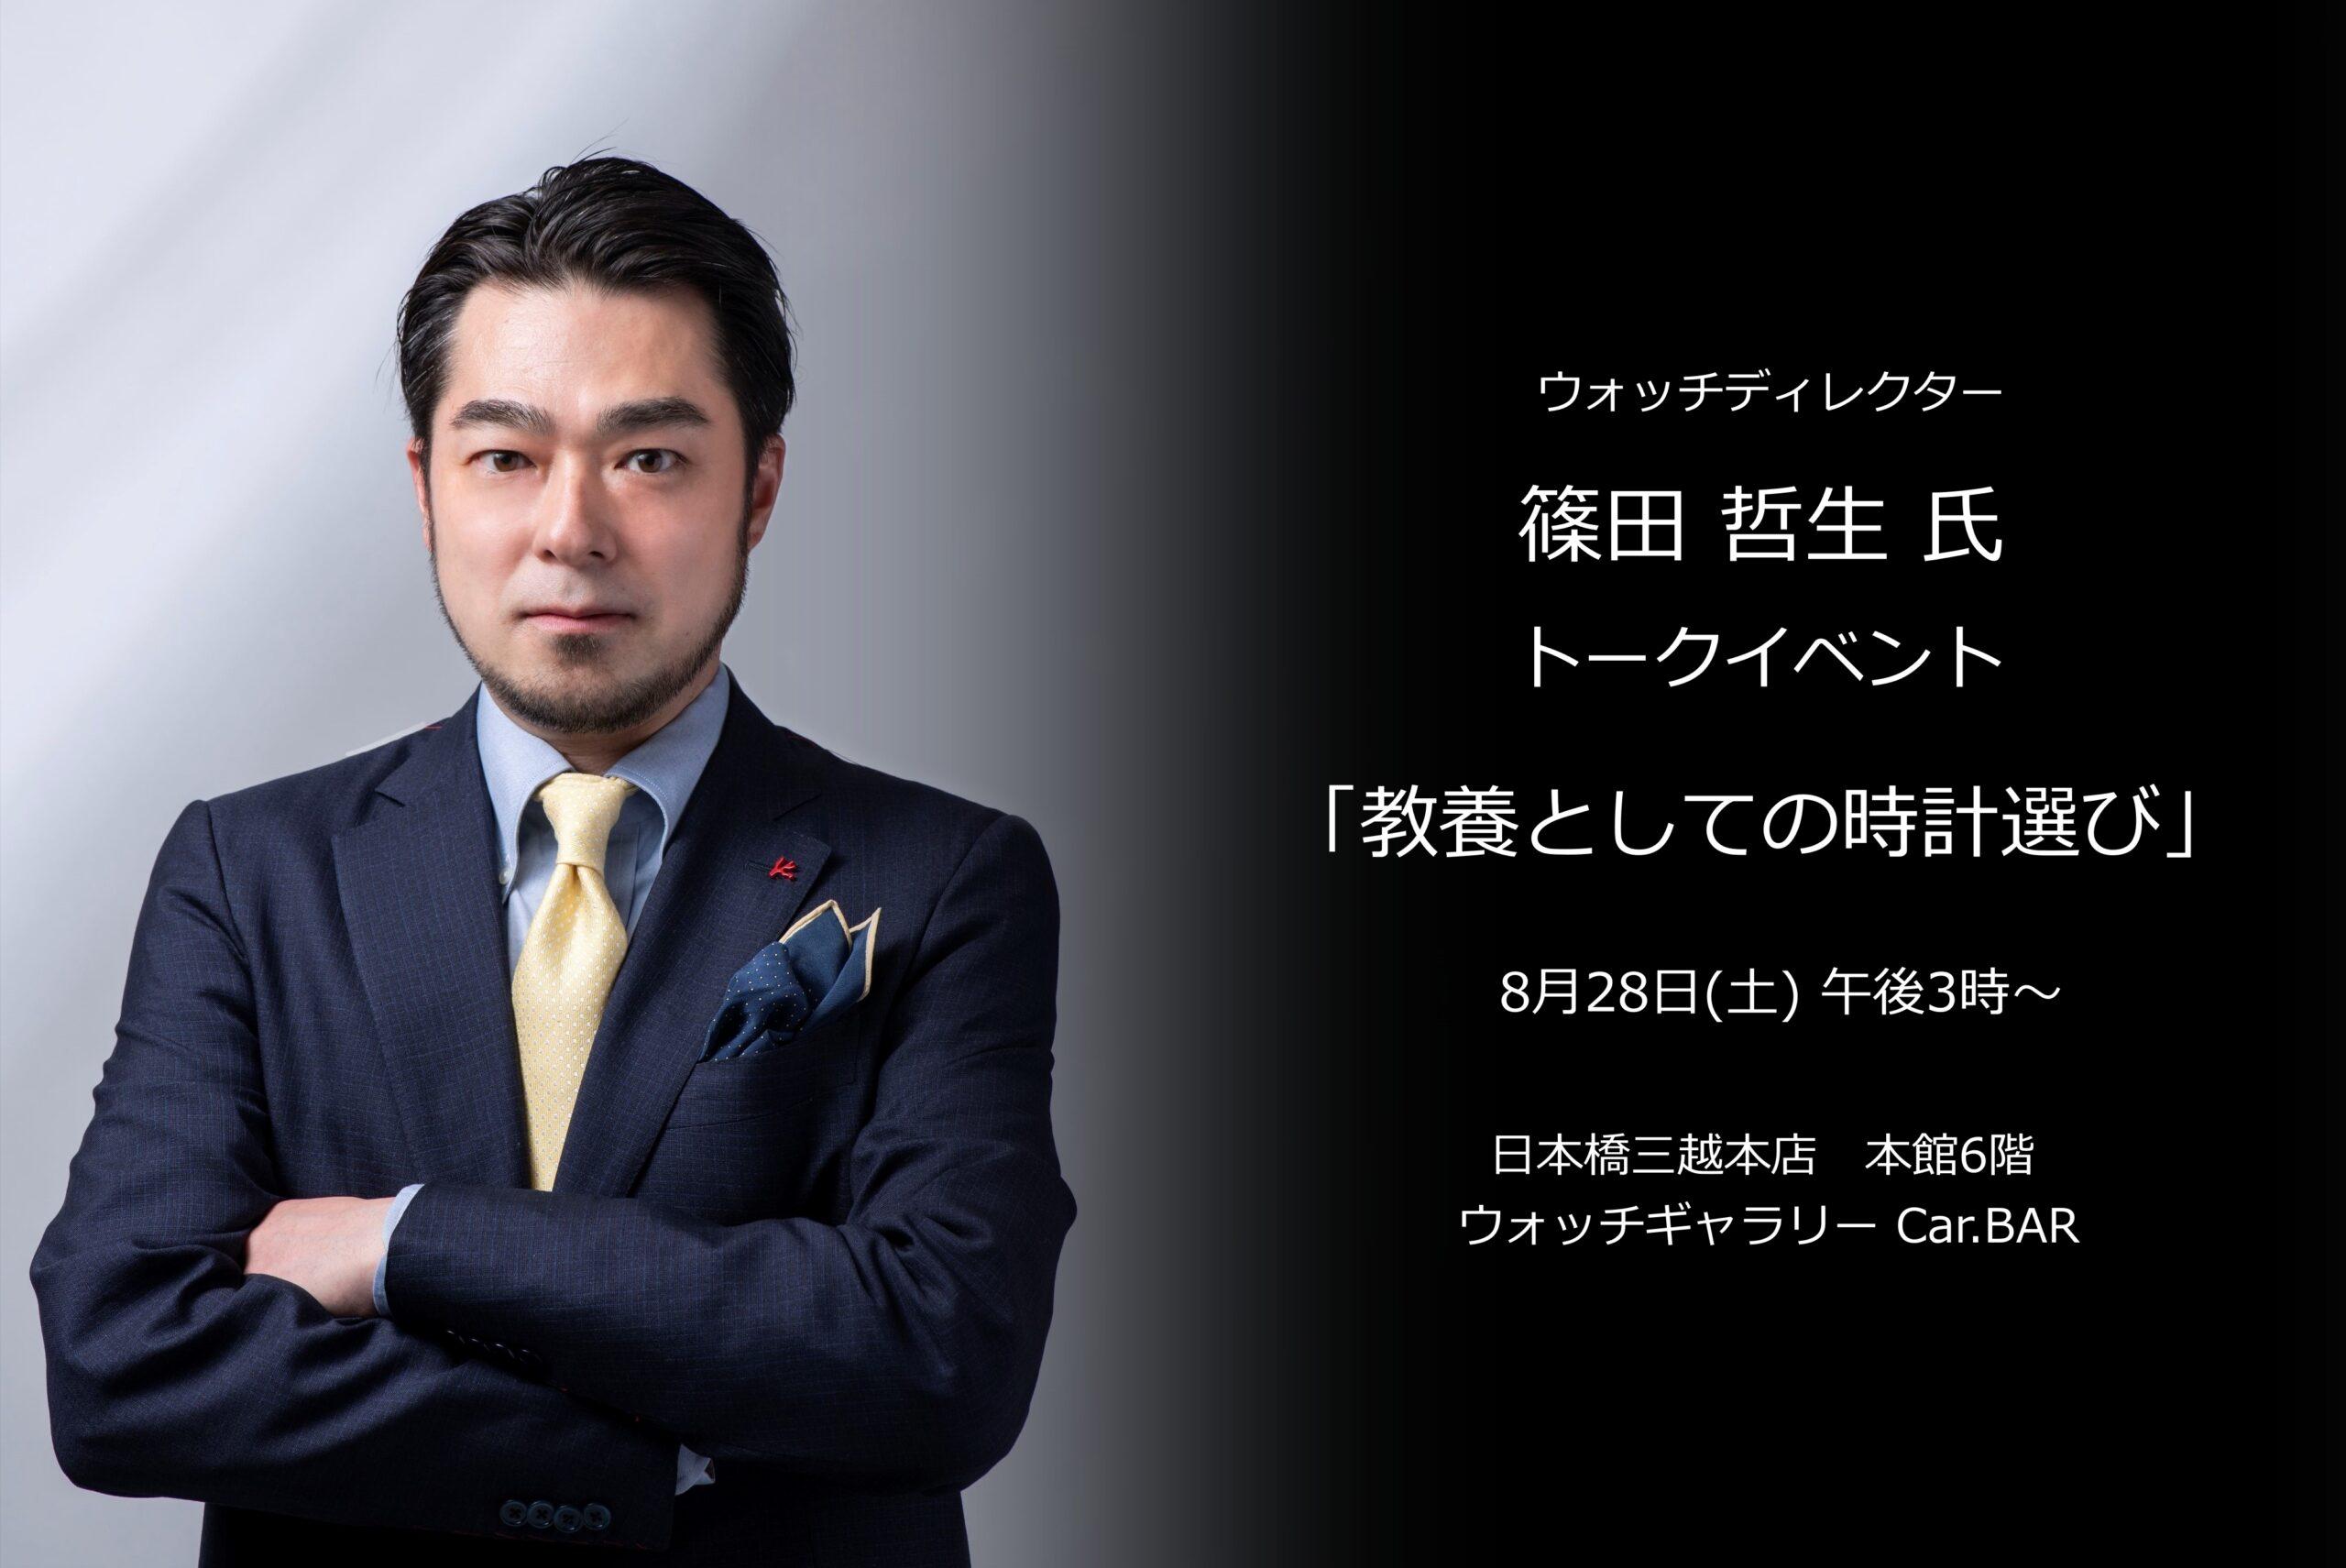 ウォッチディレクター篠田哲生氏による「教養としての時計選び」トークイベント